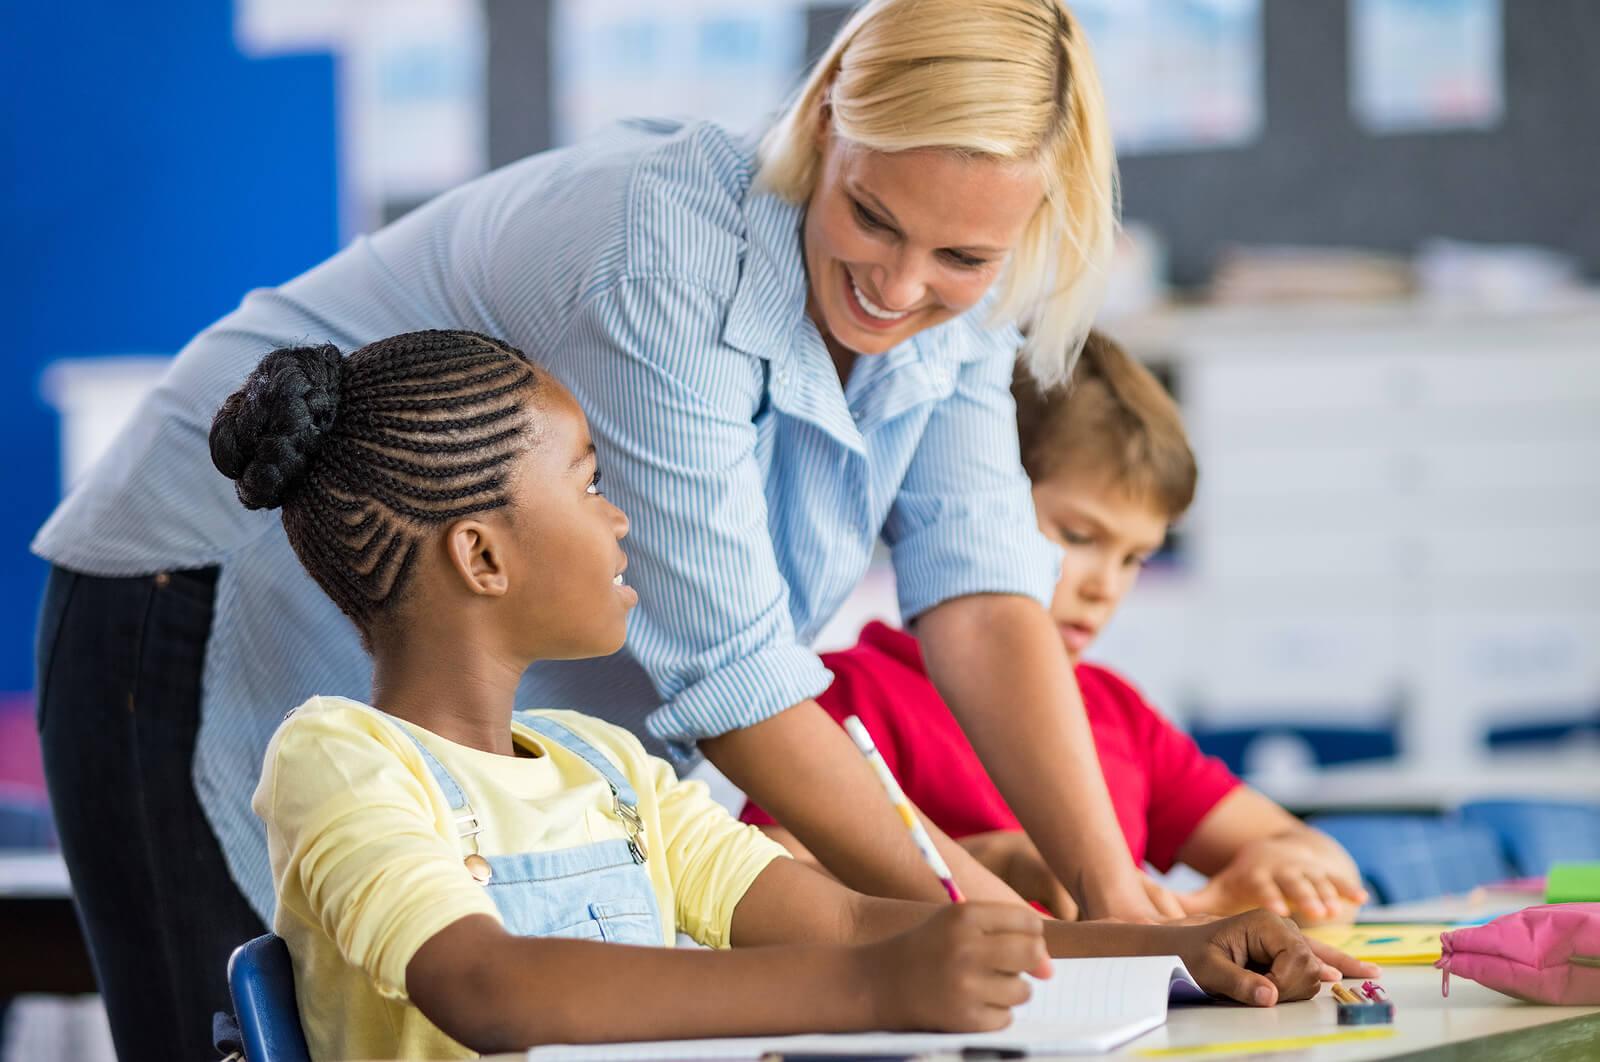 ¿Cómo influyen los estilos de enseñanza?